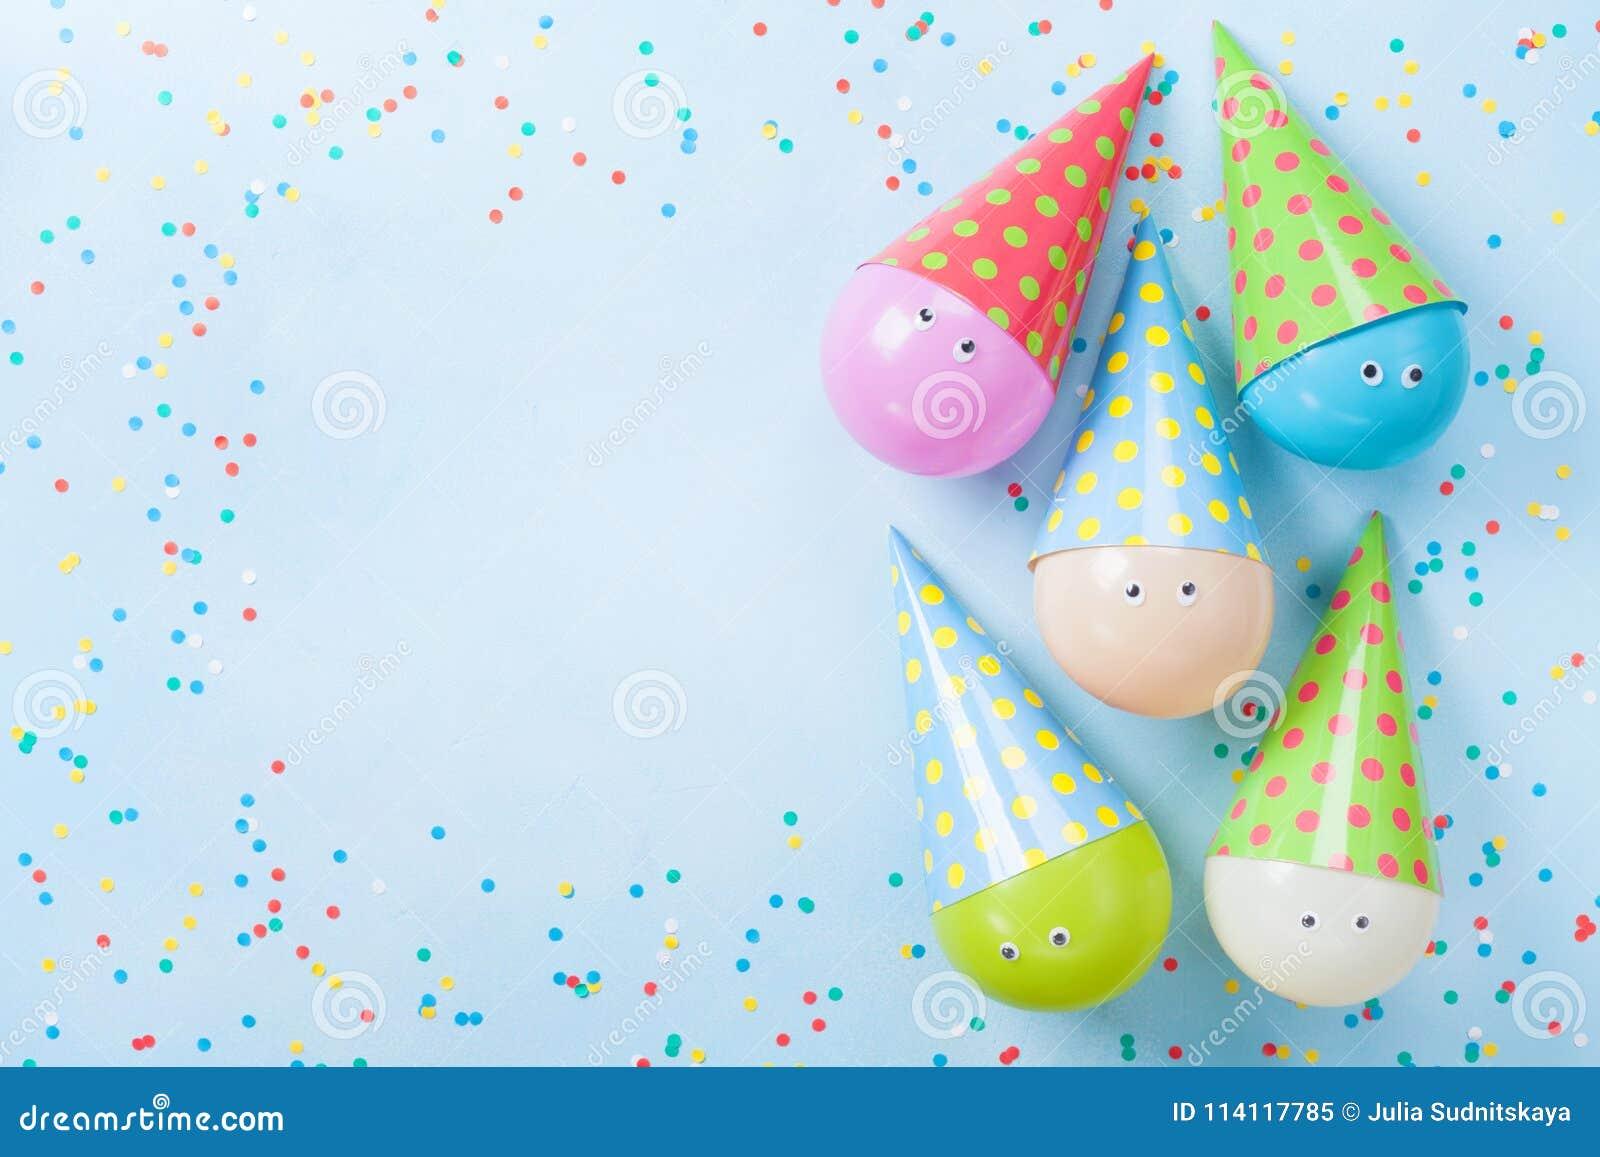 Balões e confetes coloridos na opinião de tampo da mesa azul Fundo do aniversário ou do partido Configuração lisa ano novo feliz